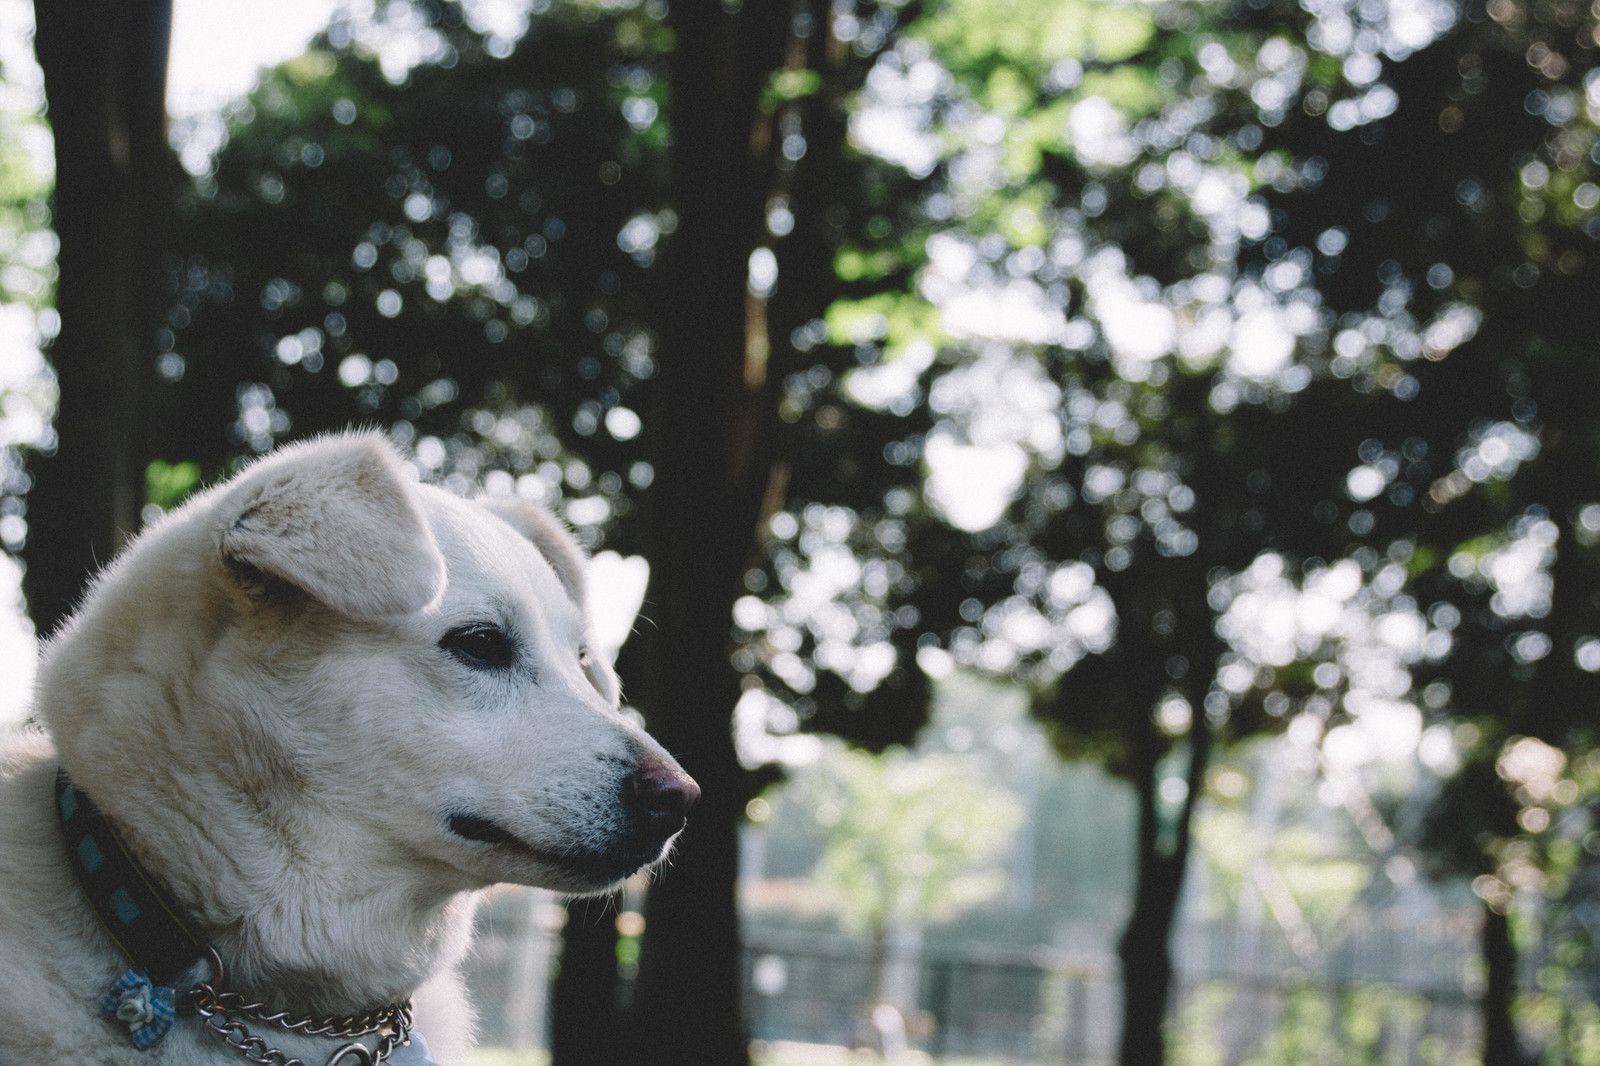 飼い主がなかなか戻ってこないワン飼い主がなかなか戻ってこないワン のフリー写真素材 Dogs Animals Husky